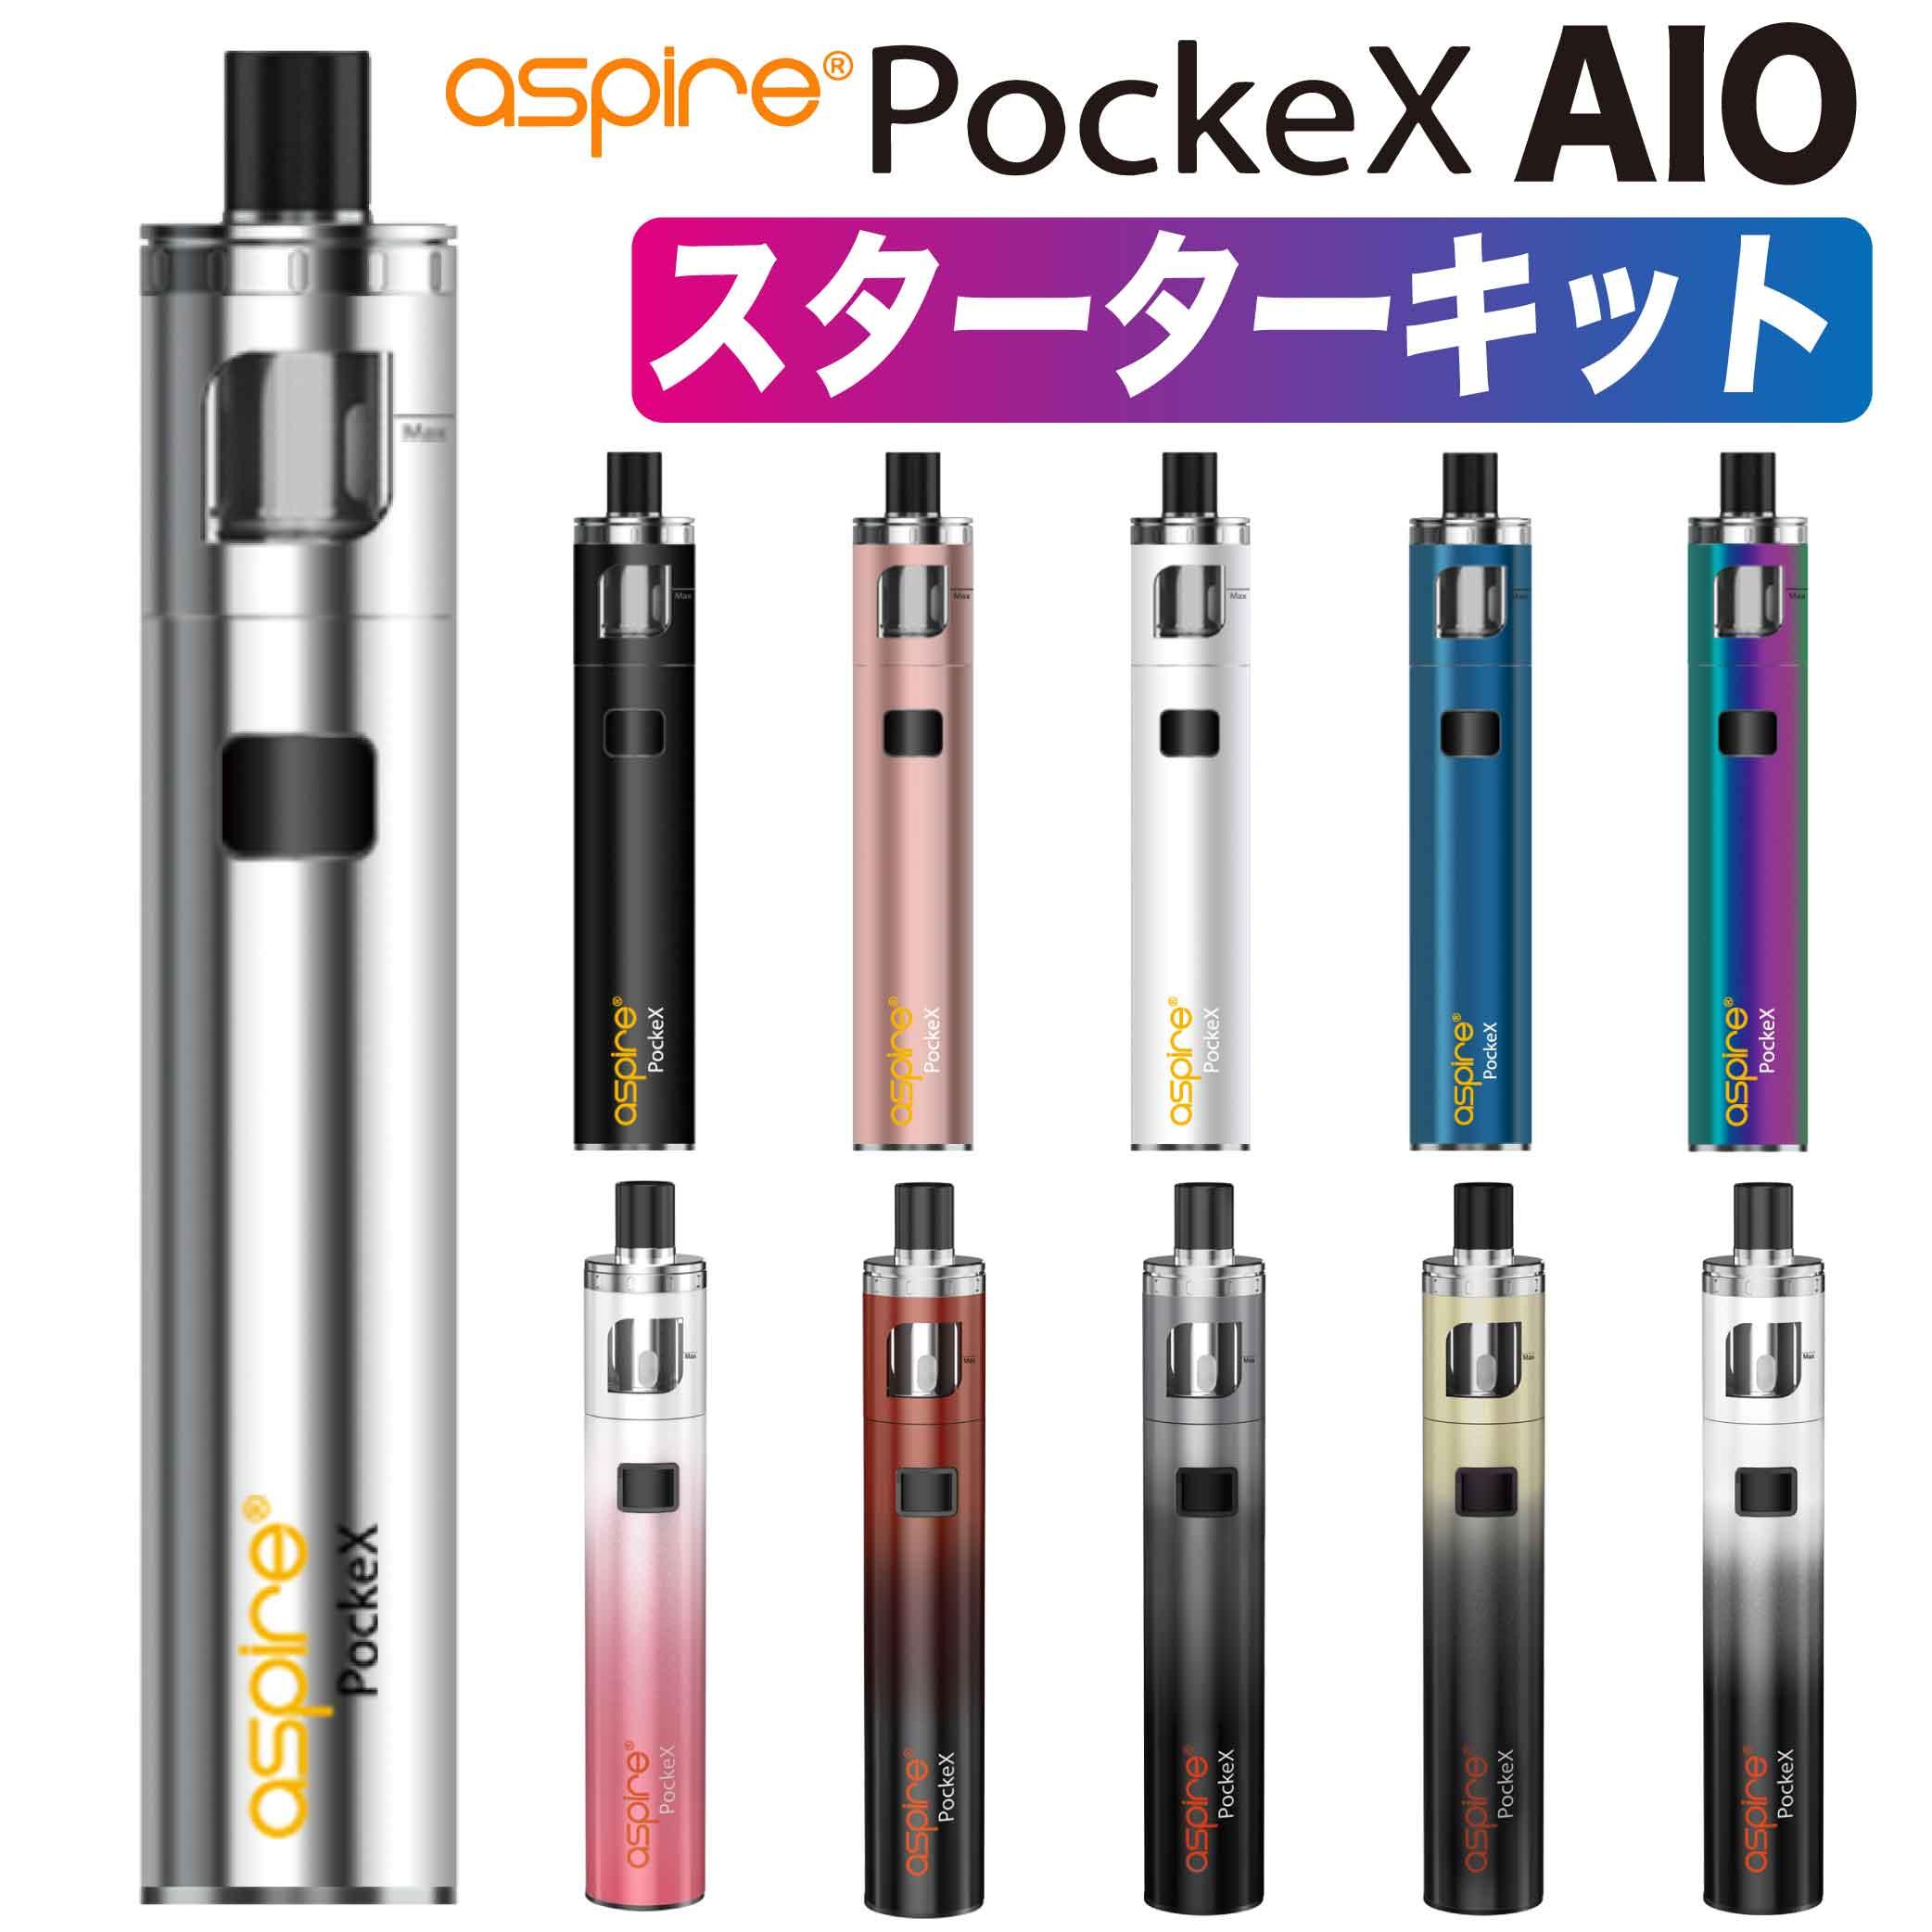 Aspire PockeX AIO 電子タバコ 返品送料無料 VAPE ベイプ スターターキット アスパイア 定番キャンバス ポケックス オールインワン 禁煙 スリム タイプ 小型 本体 コンパクト タール おすすめ ニコチン0